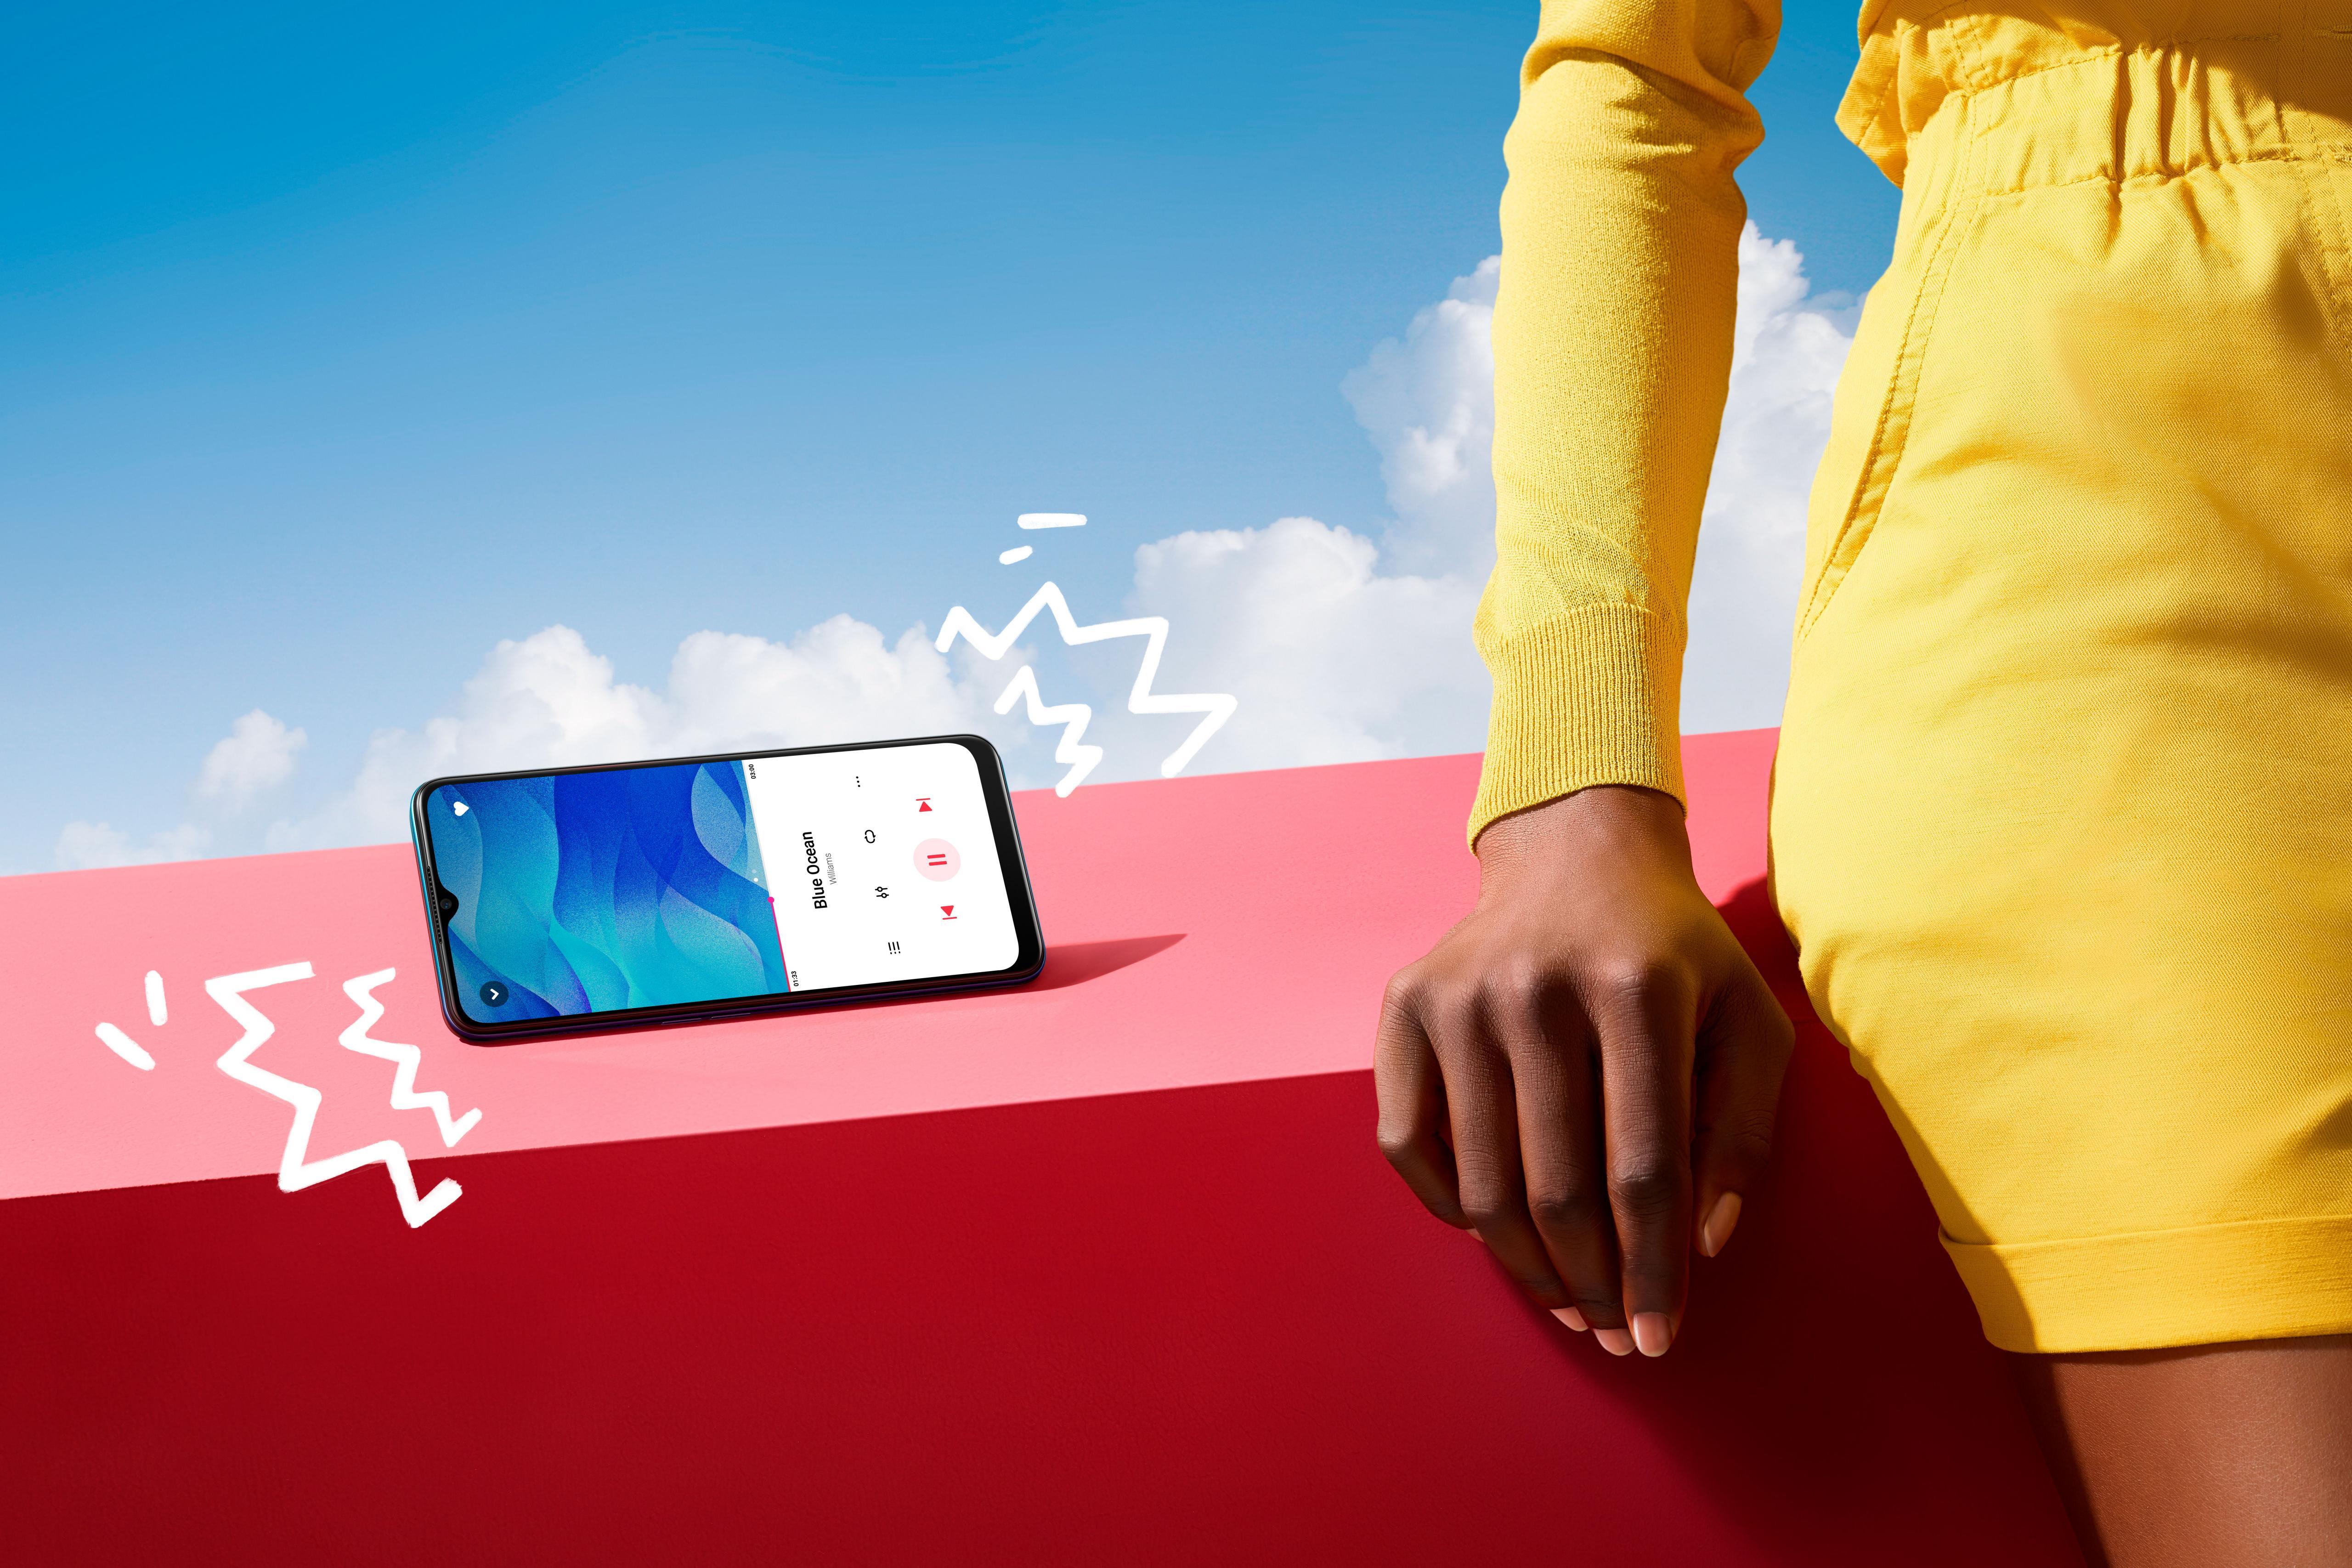 Якісні та доступні: бренд OPPO офіційно презентує в Україні смартфони серії A 2020